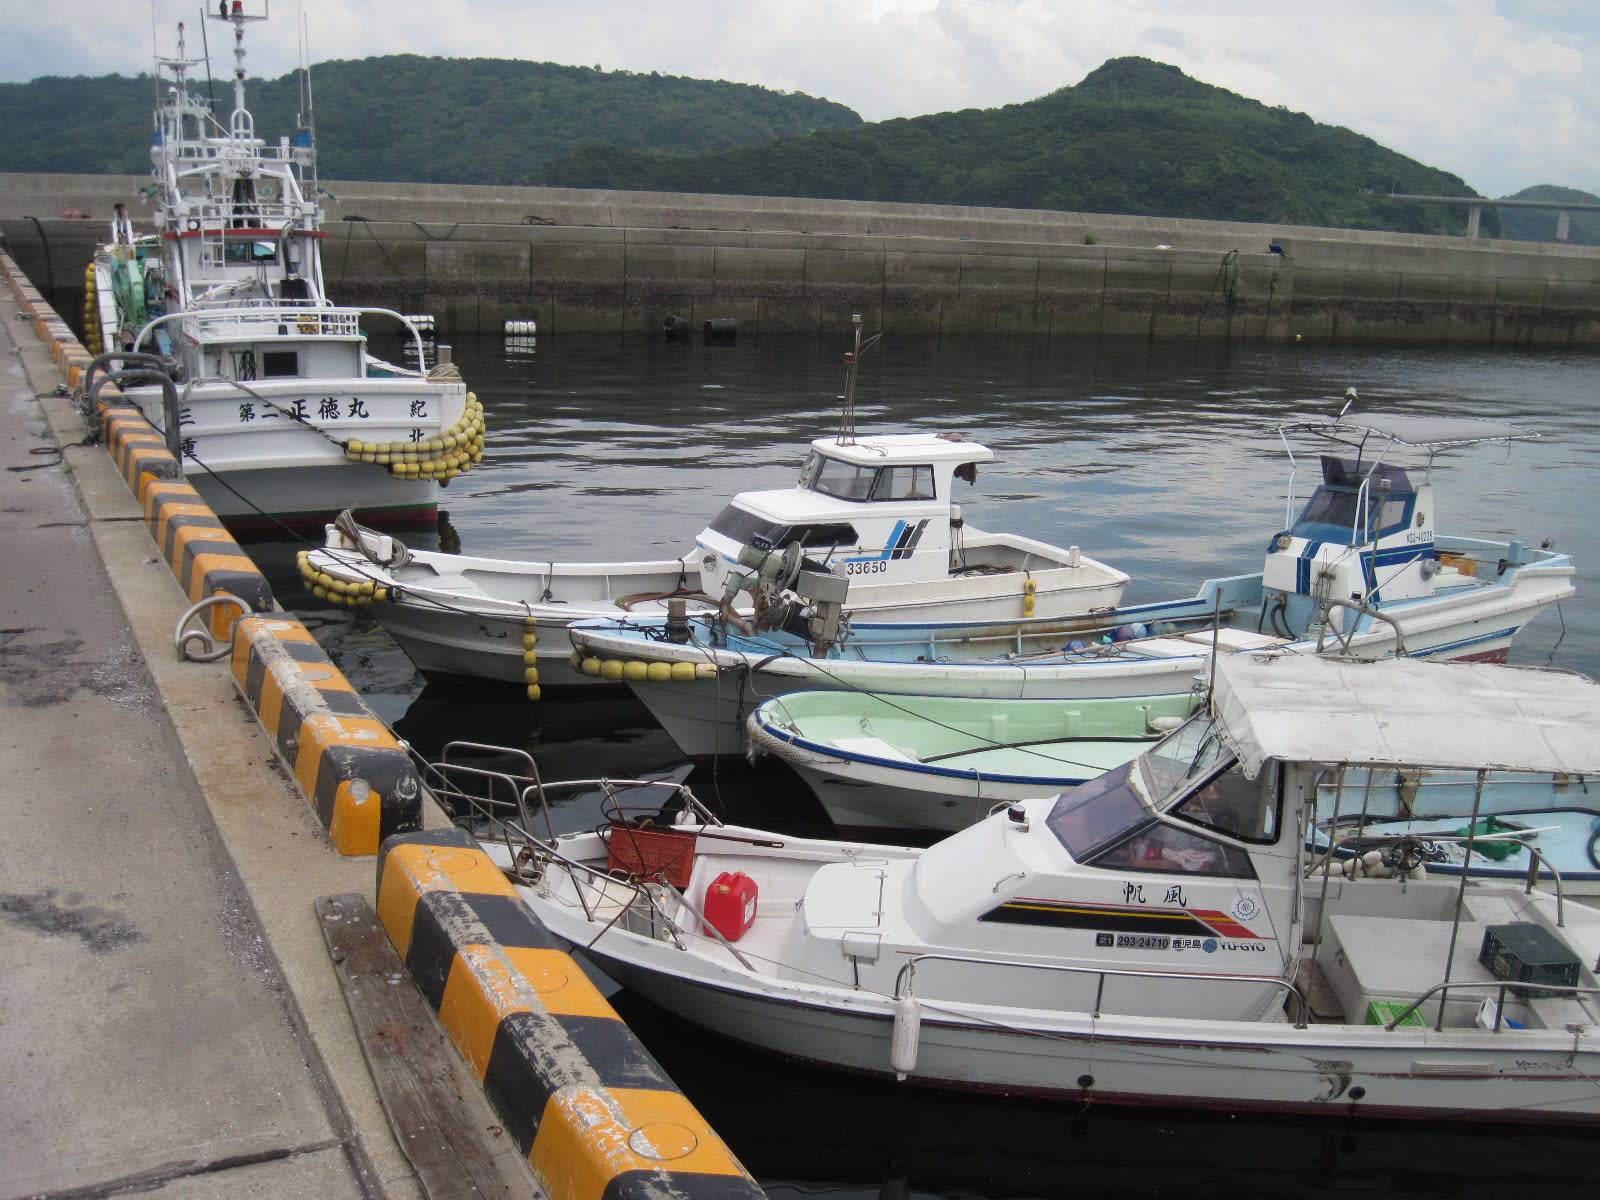 ぶらり鹿児島5長島町 - 地理にがてが旅したい